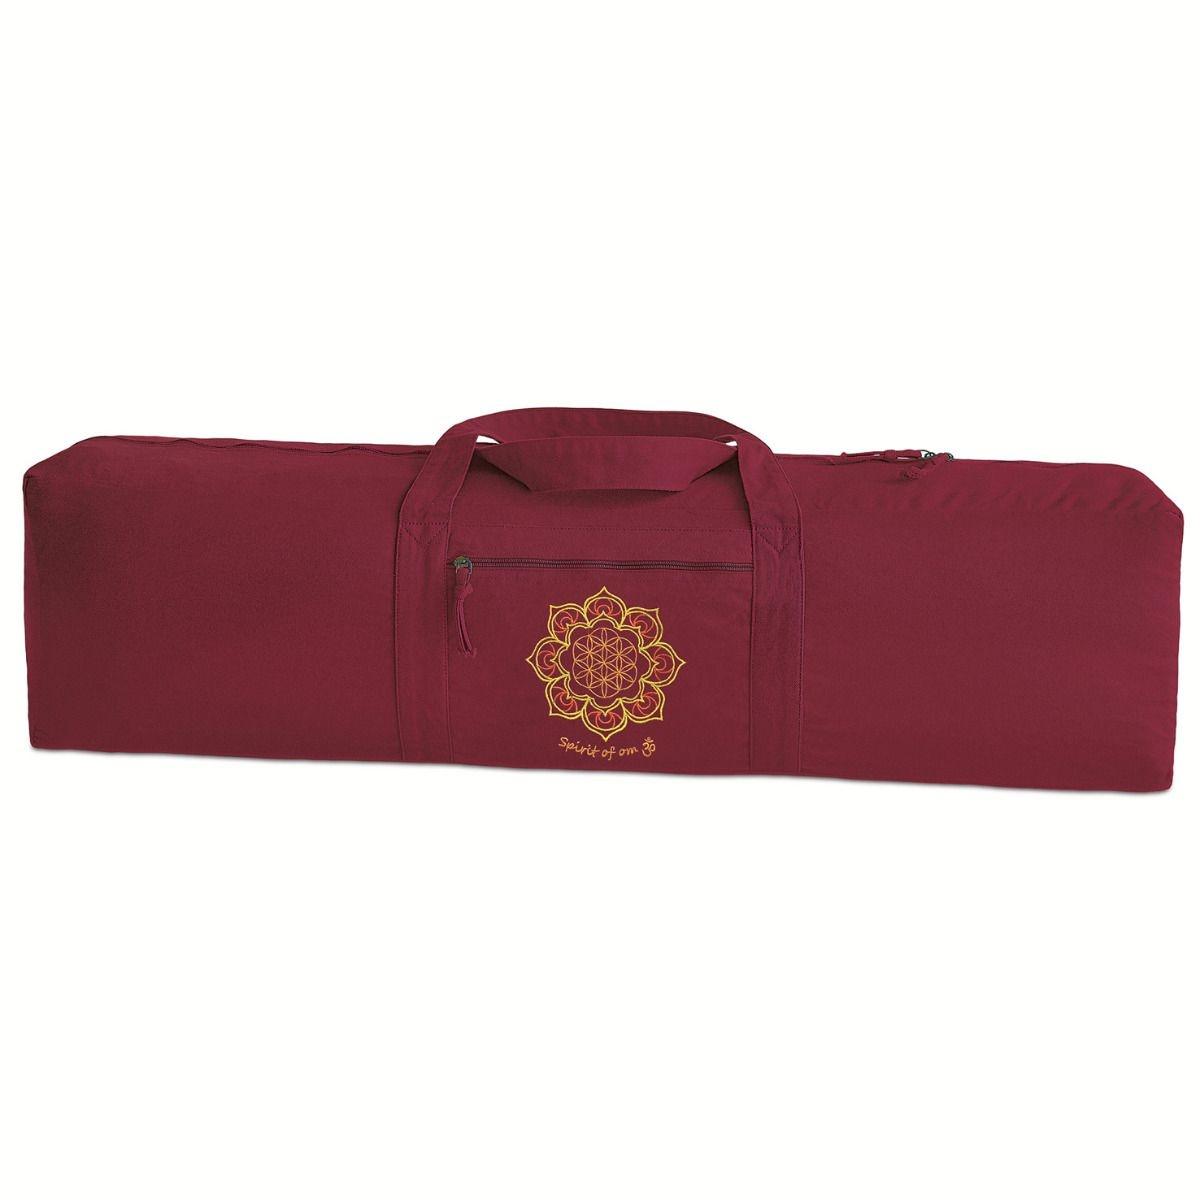 620c7137167 Køb Yogataske Spirit of OM online til en lav pris